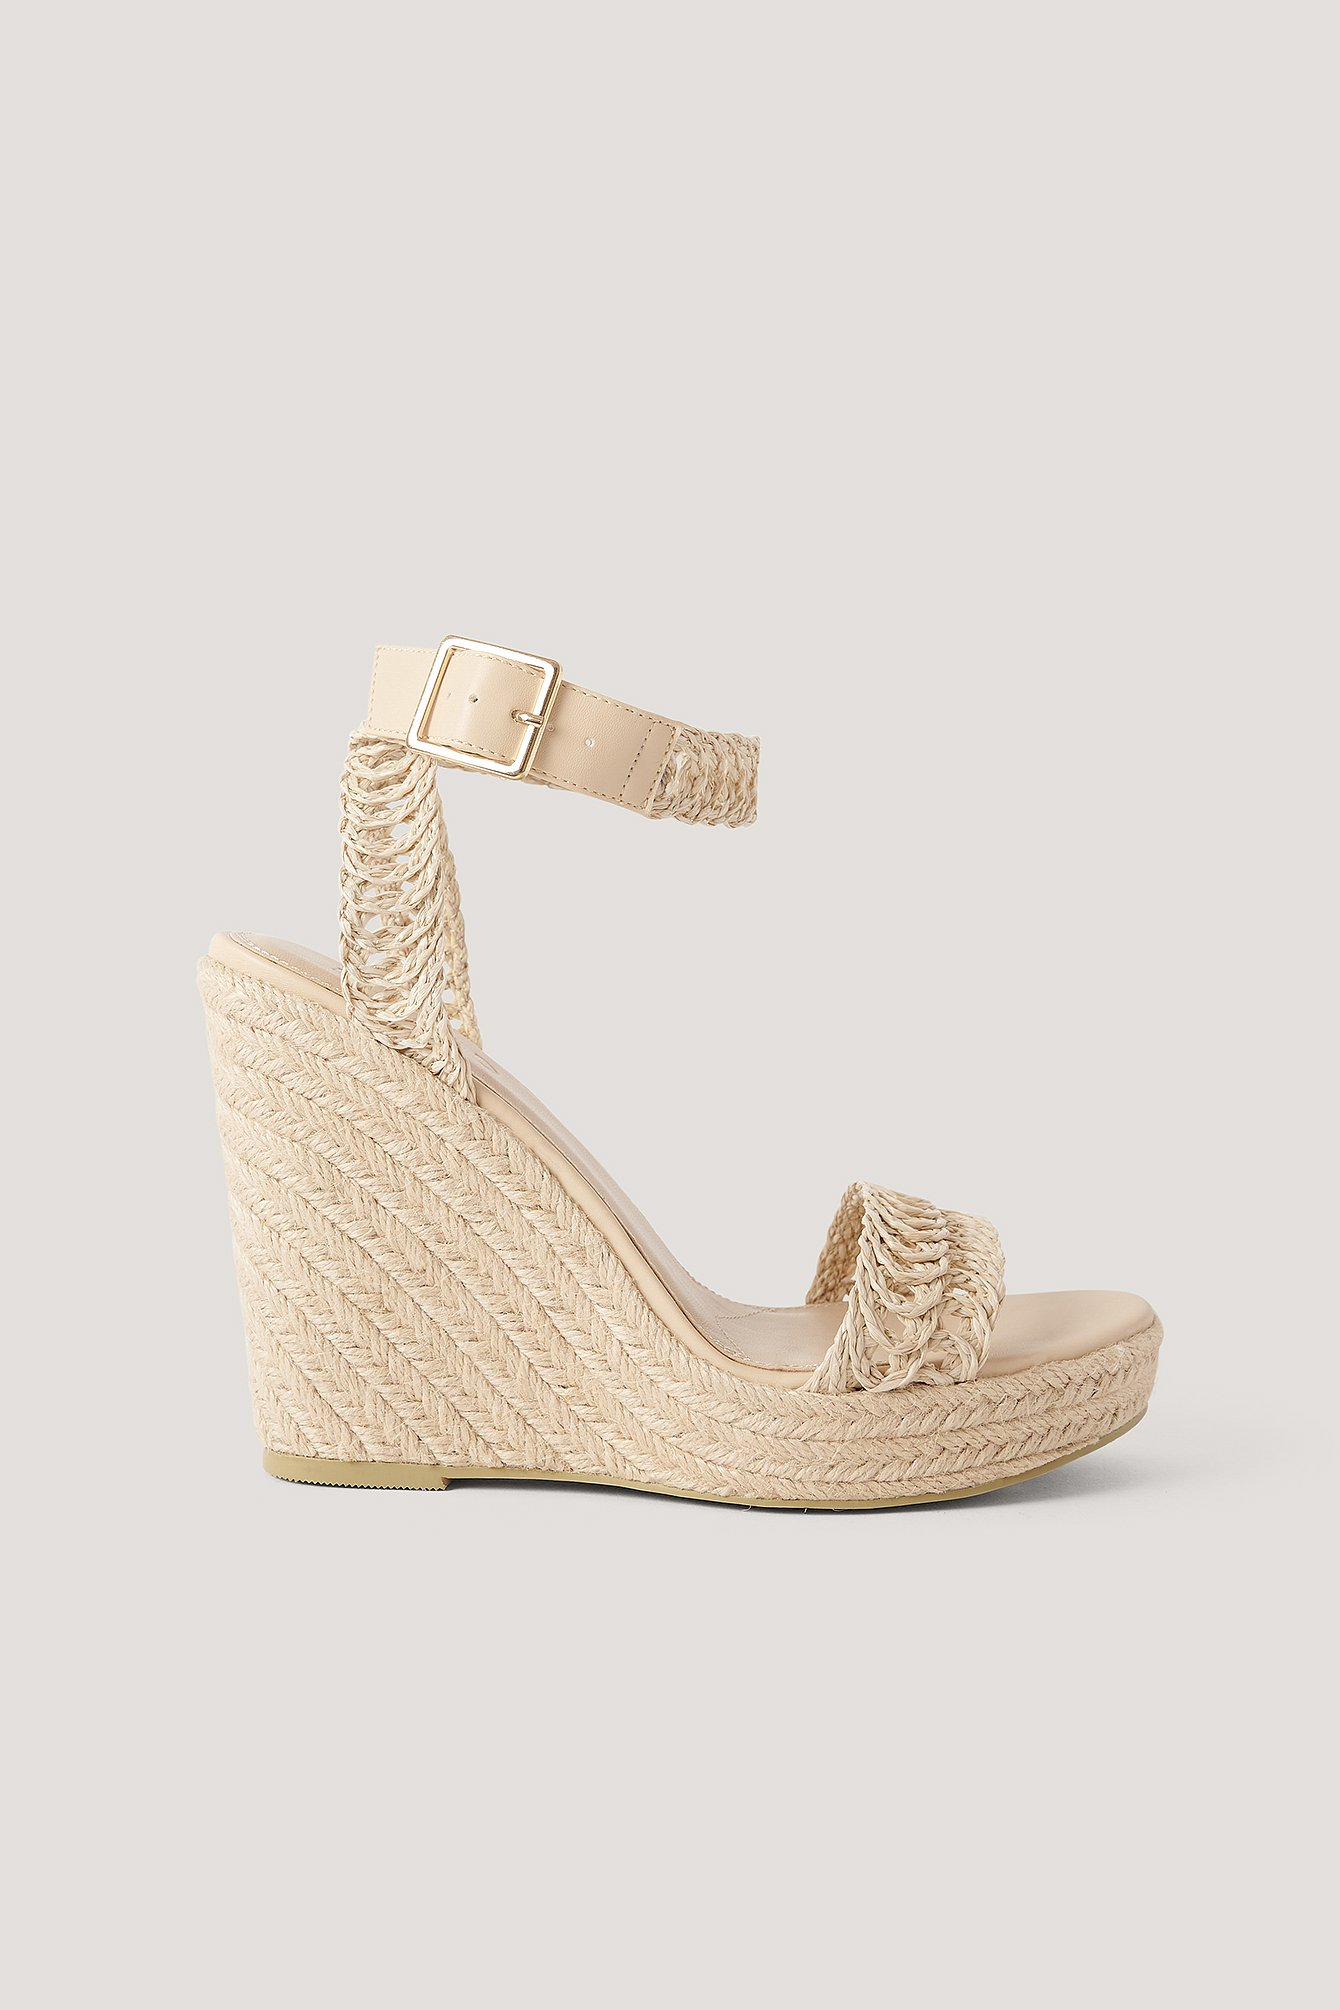 NA-KD Shoes Platformsandaler Med Jutestropper - Beige